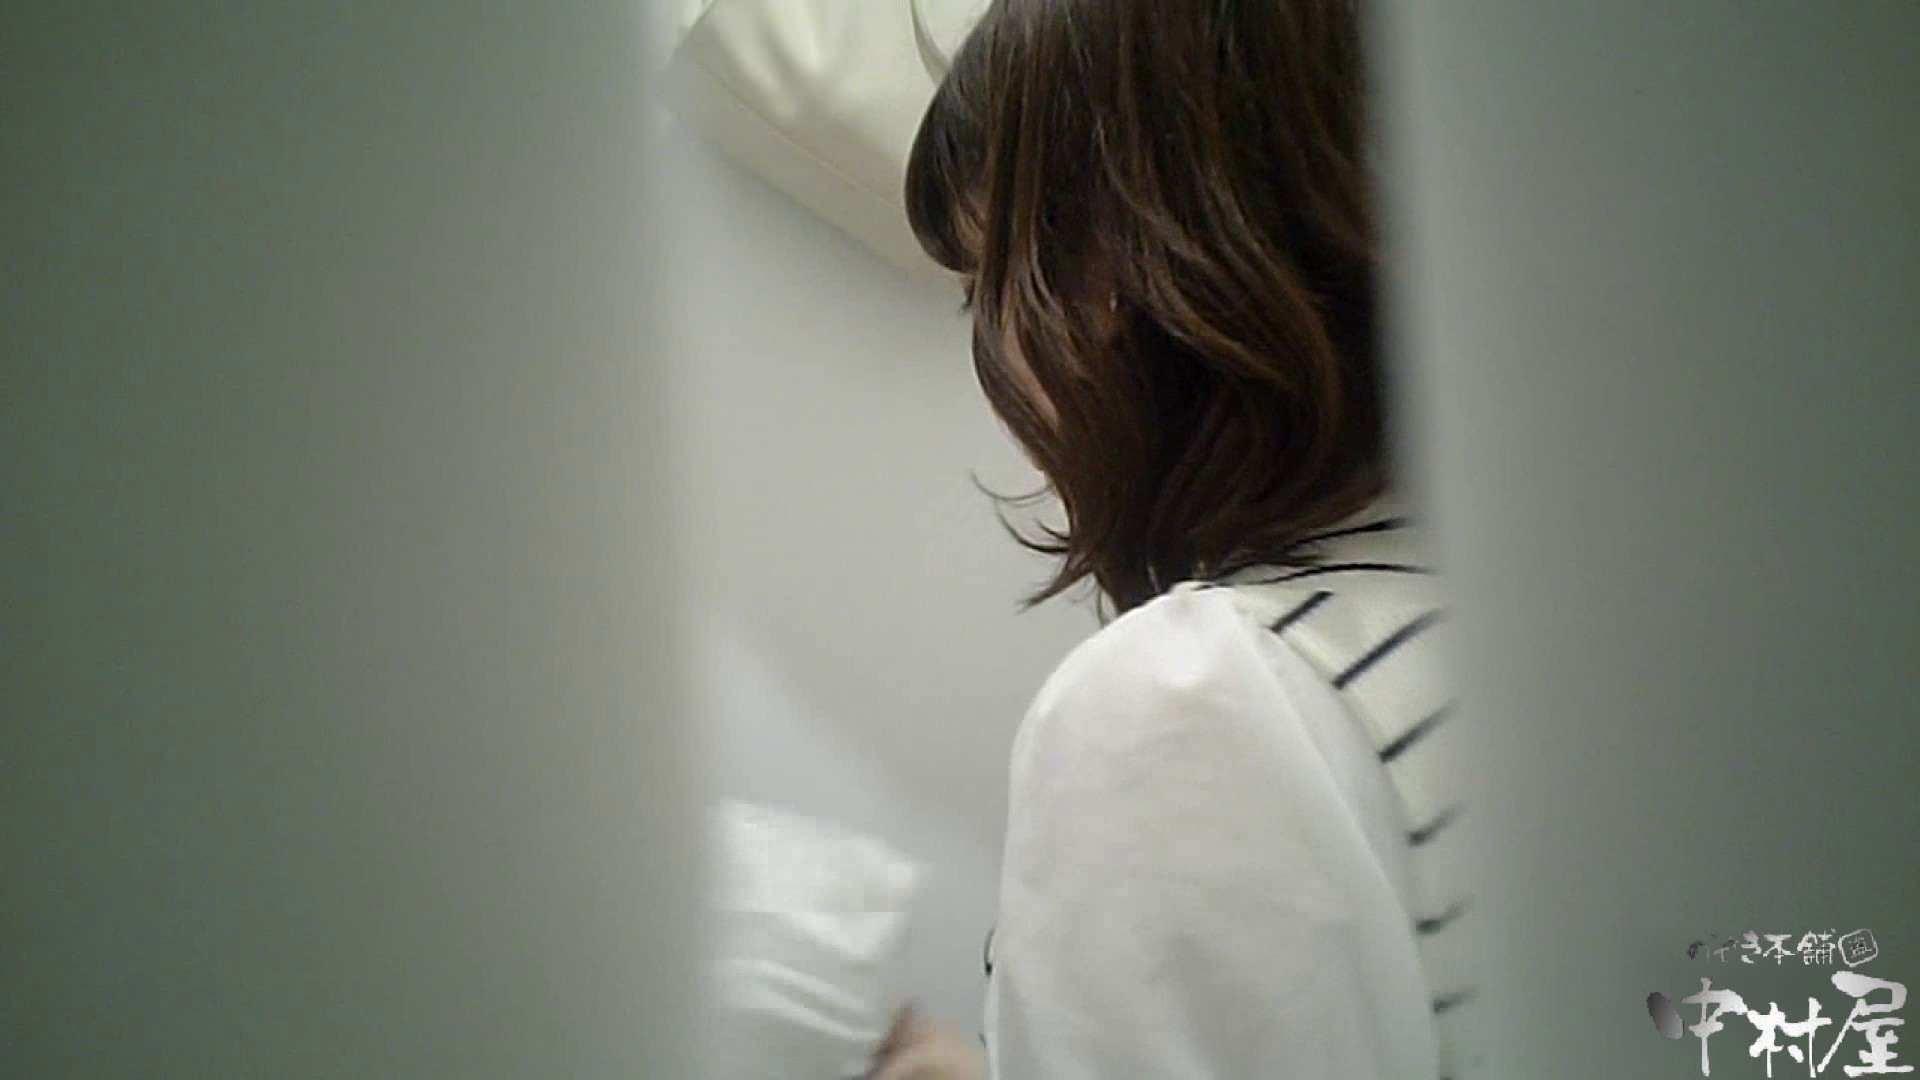 【某有名大学女性洗面所】有名大学女性洗面所 vol.37 ついでにアンダーヘアーの状態確認ですね。 OL  48連発 9